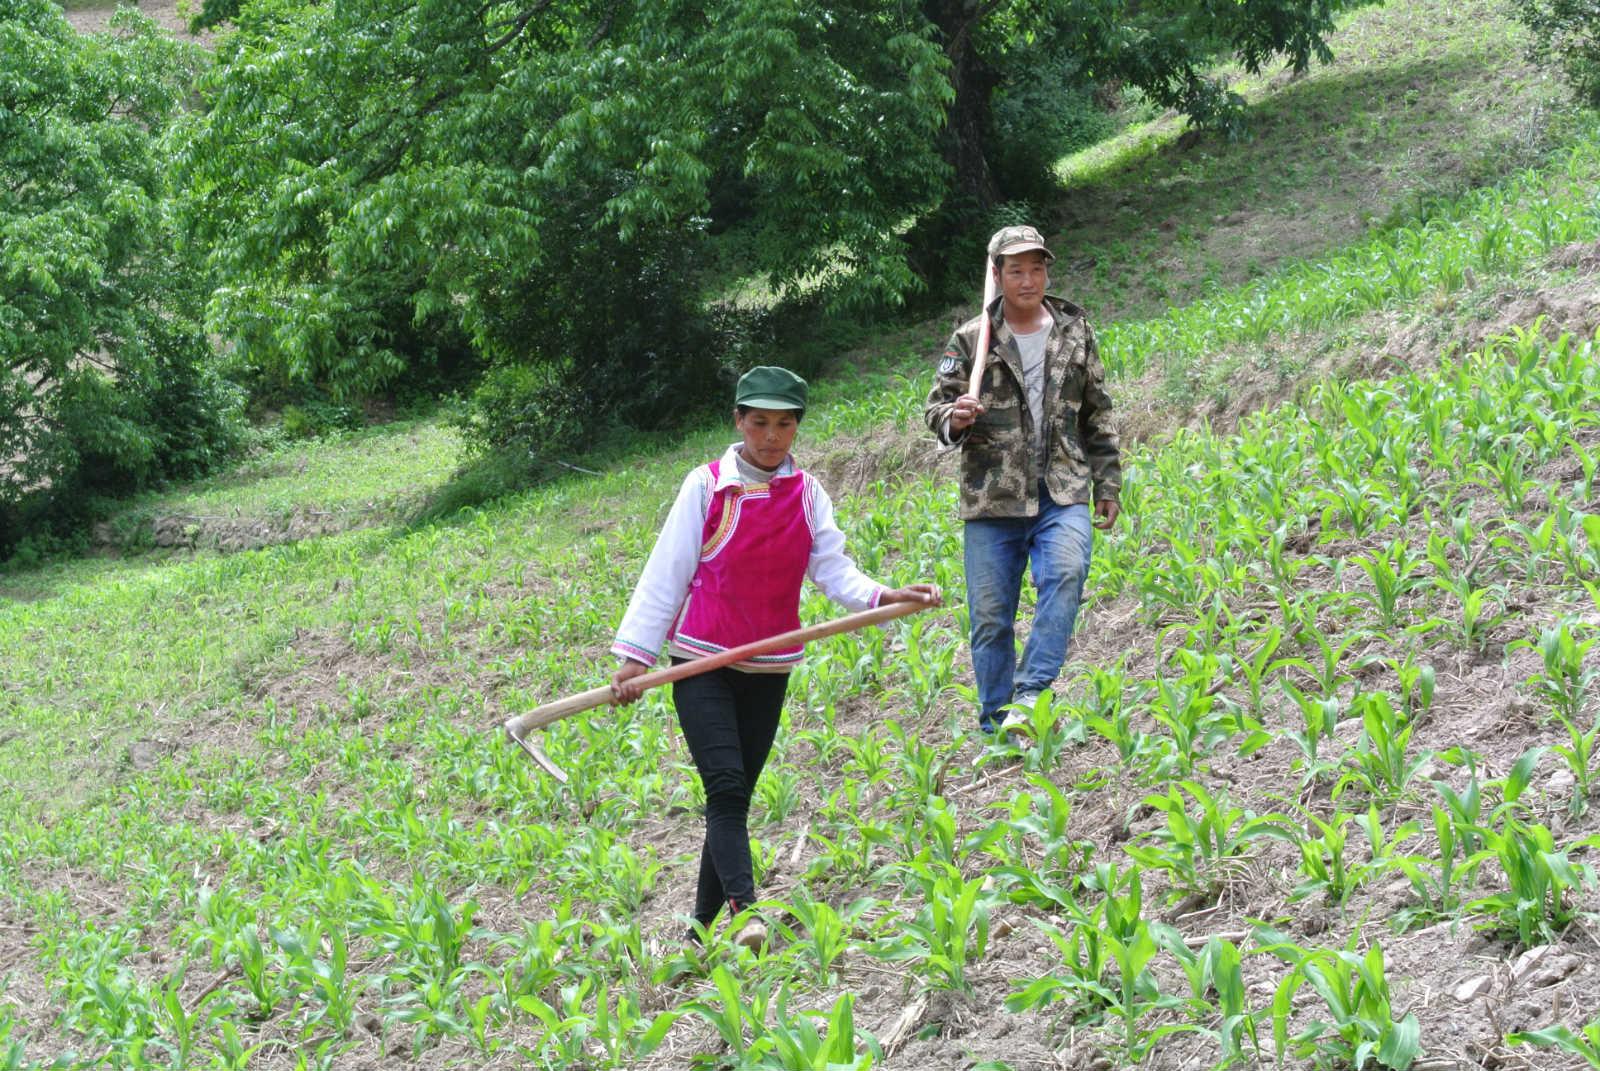 余卫香的父亲余贵山、母亲丰丽群从玉米地劳作归家_meitu_1.jpg